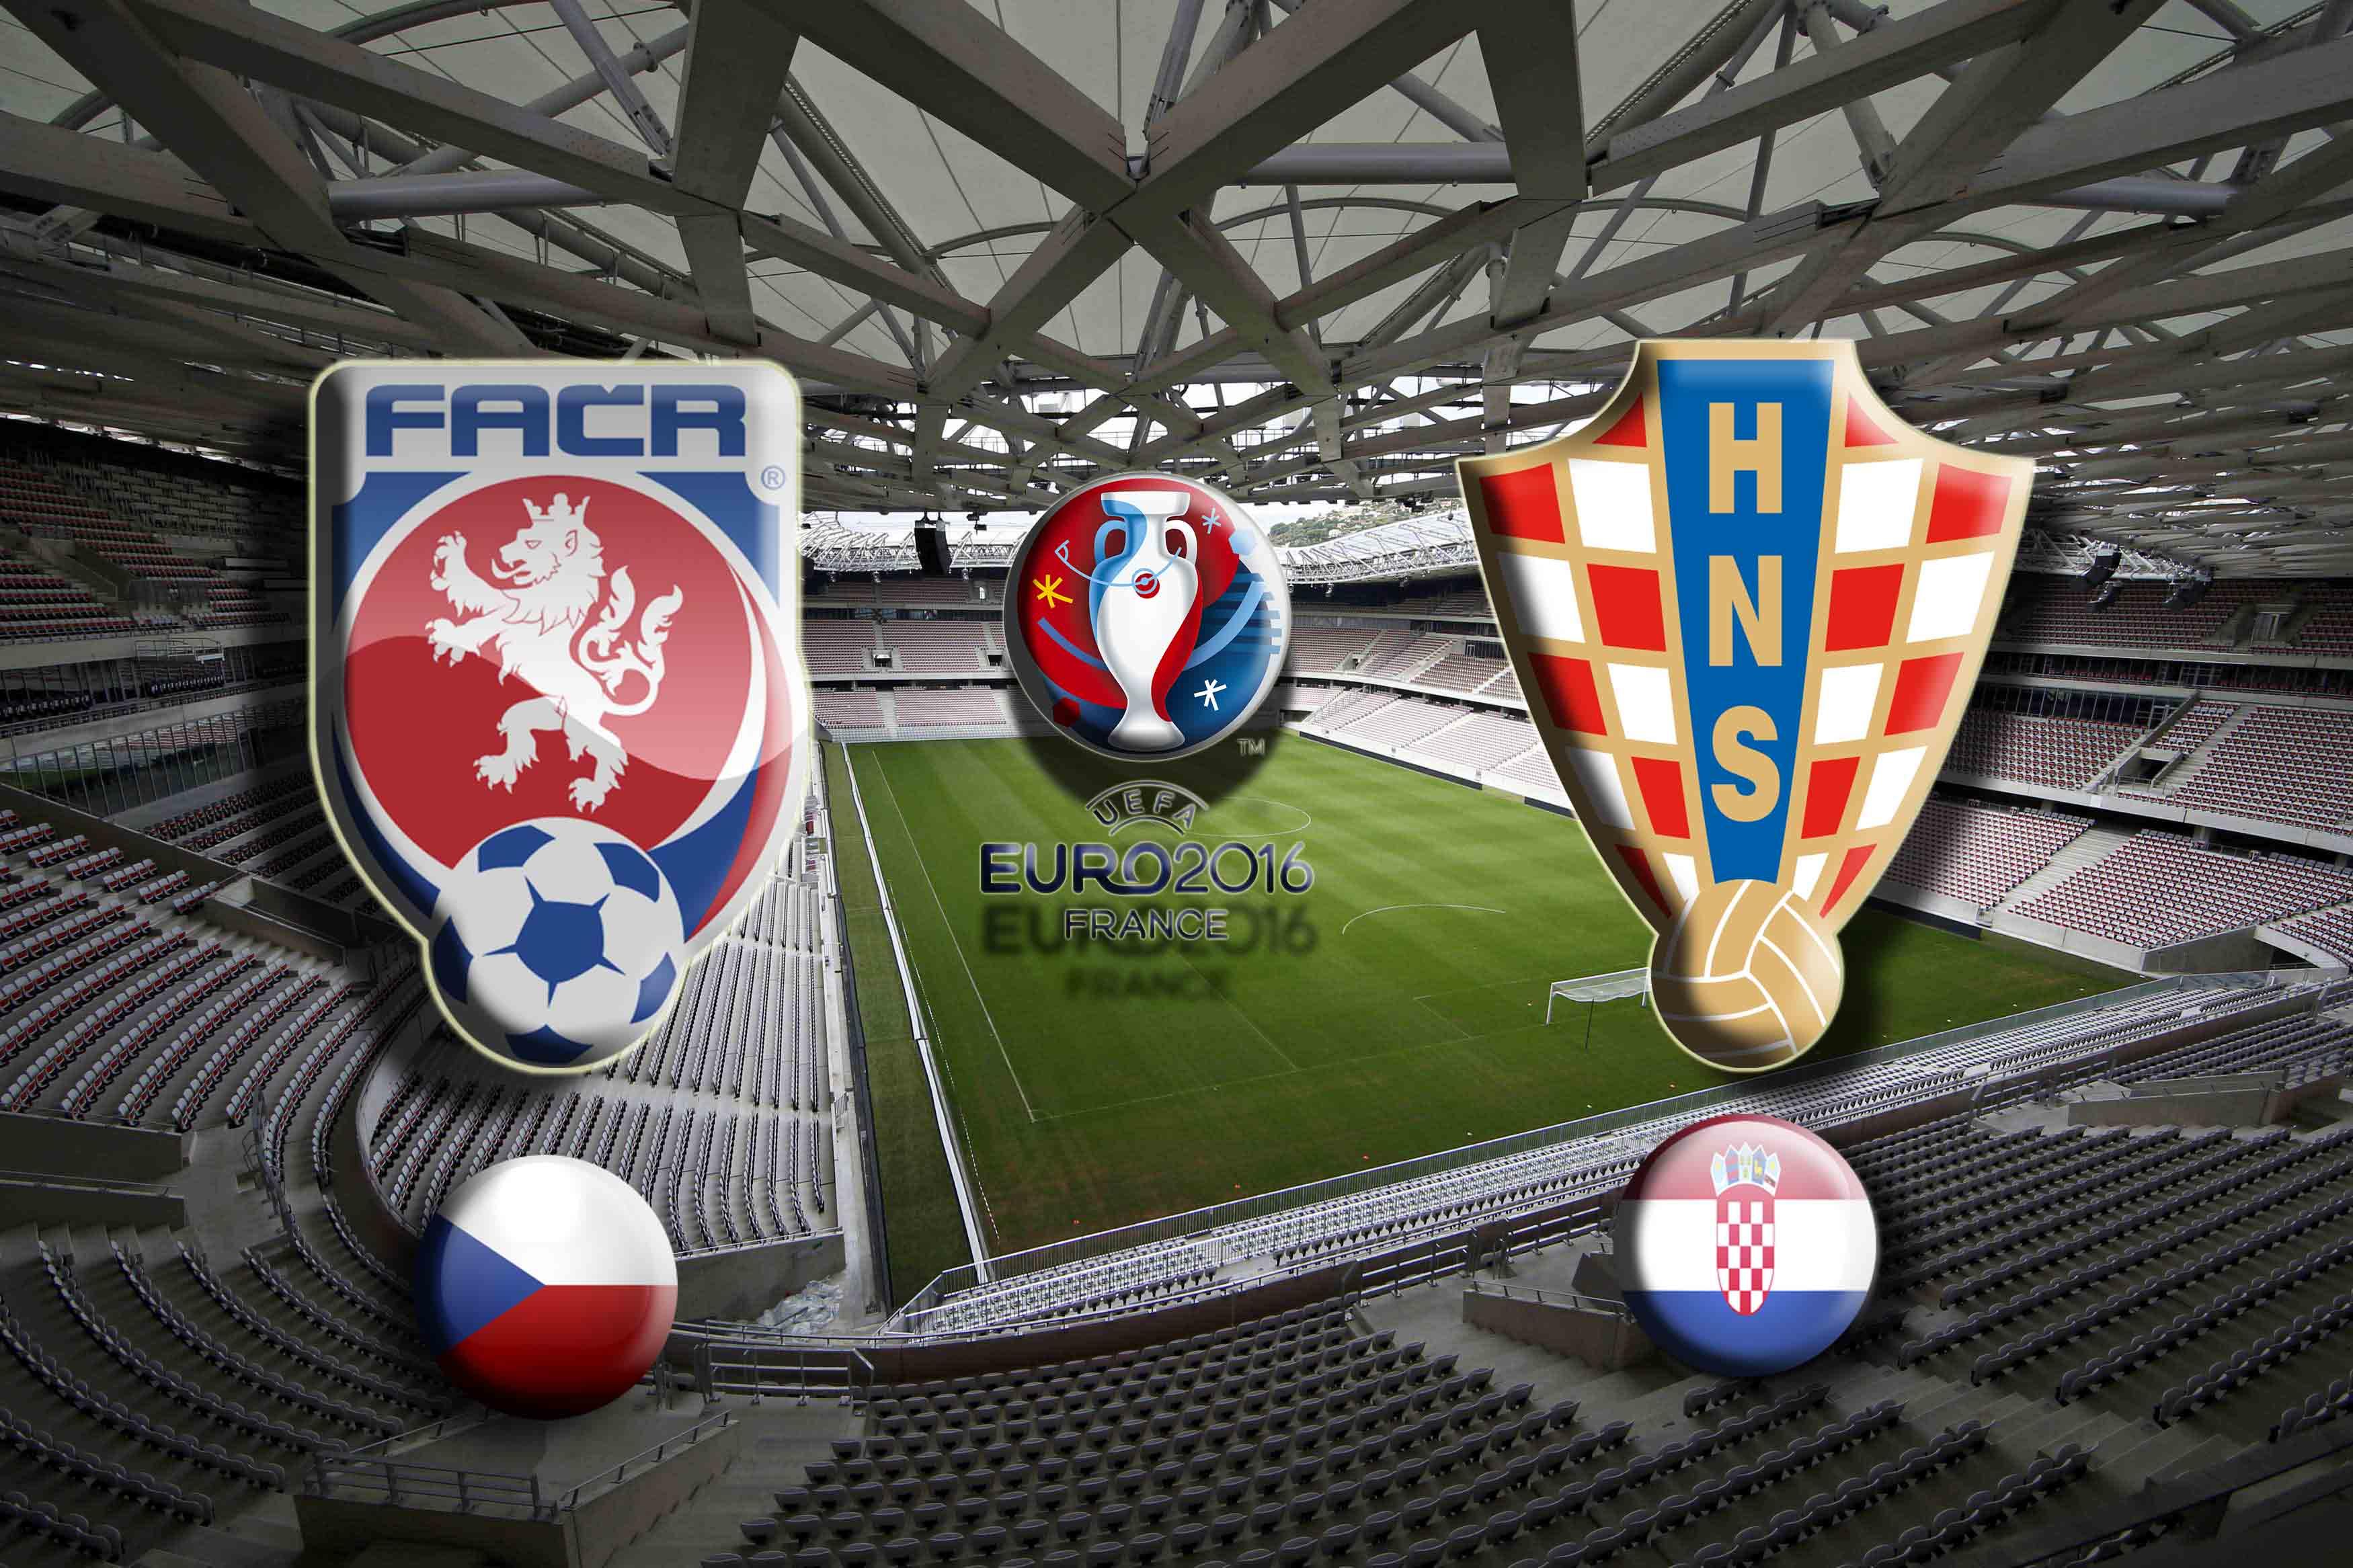 Прогноз на матч Чехия - Хорватия Чемпионата Европы 2016 17 июня